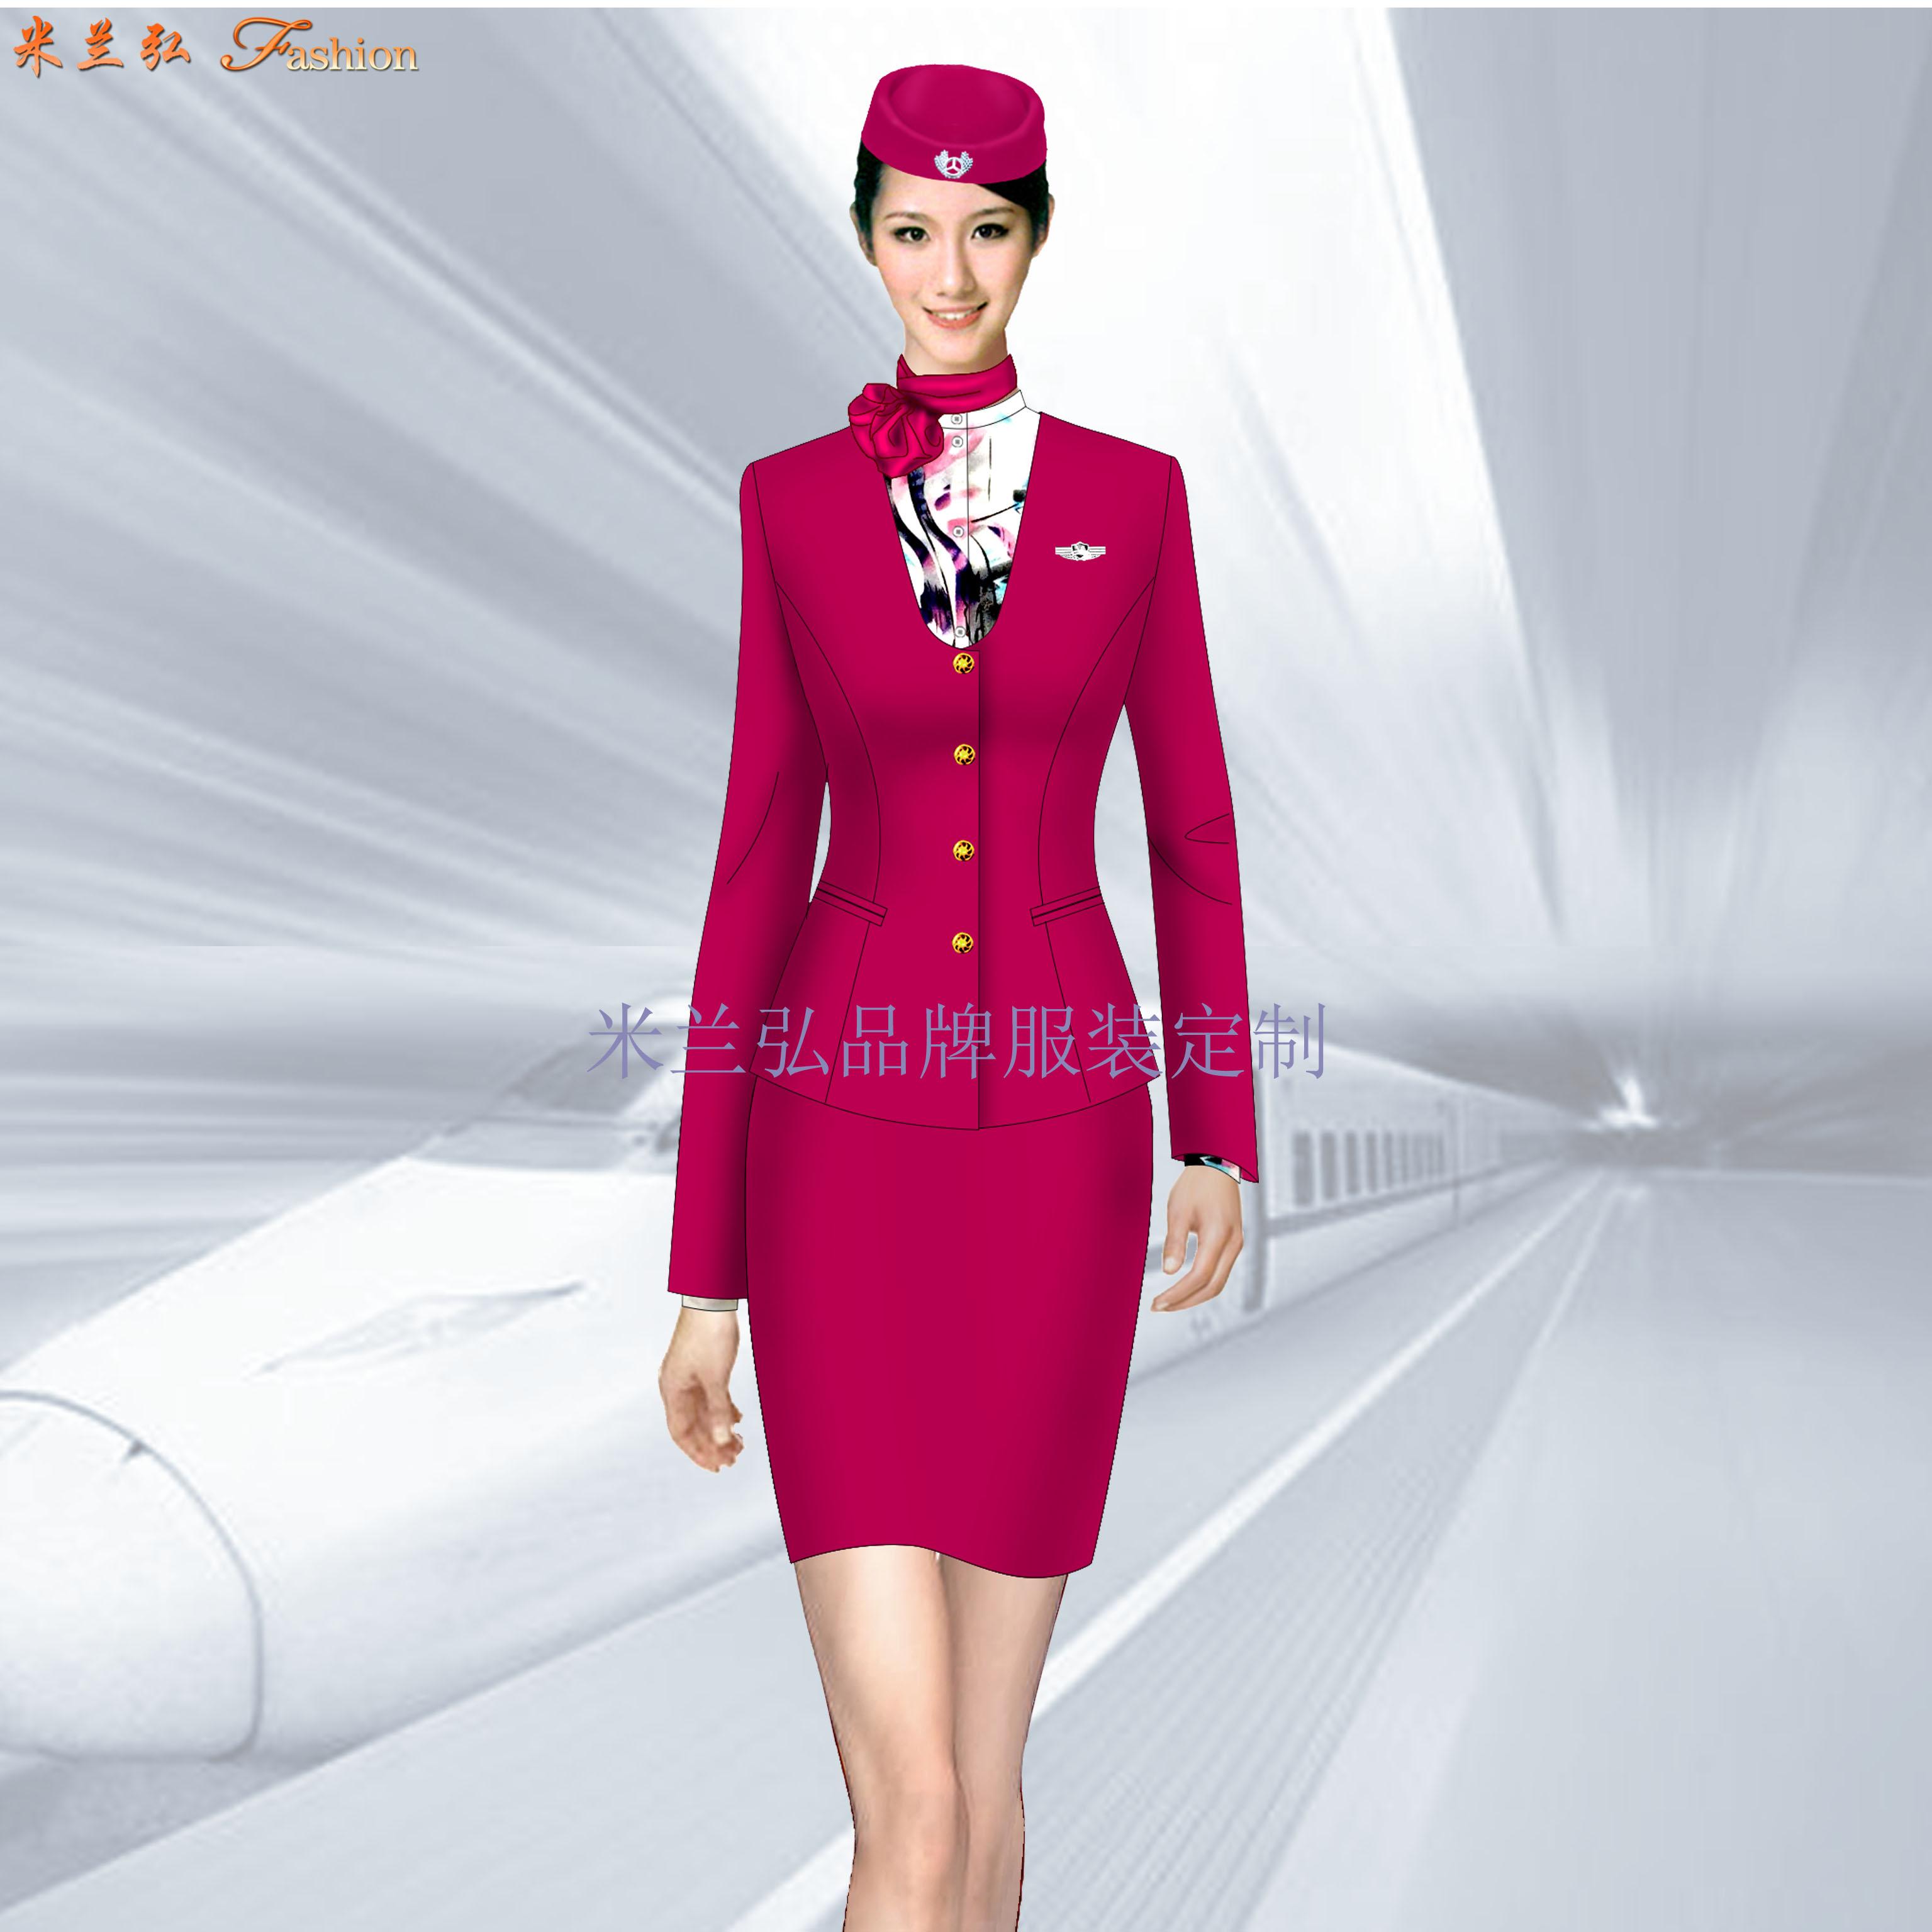 訂做訂制空姐服_定做定制空姐服-米蘭弘服裝廠家-1